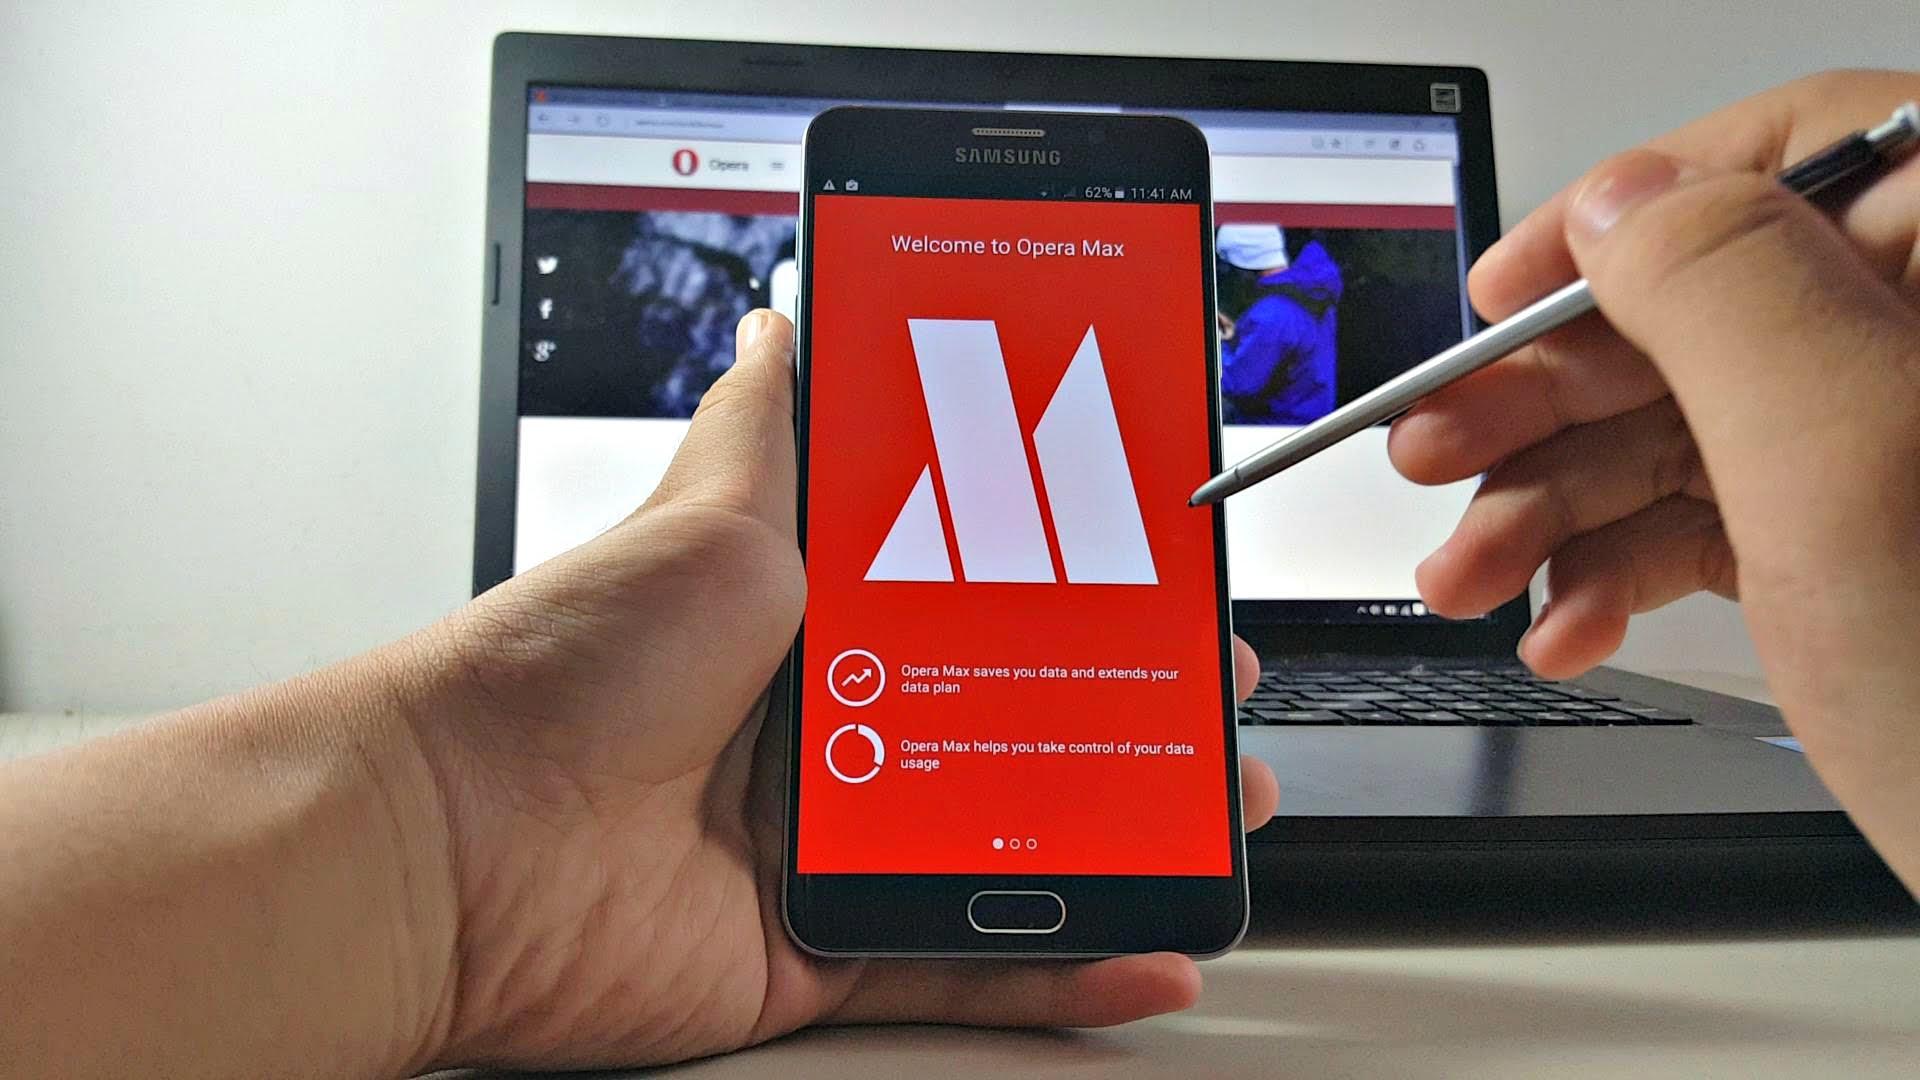 maxresdefault - Nguy cơ mất thông tin cá nhân từ các ứng dụng mua sắm